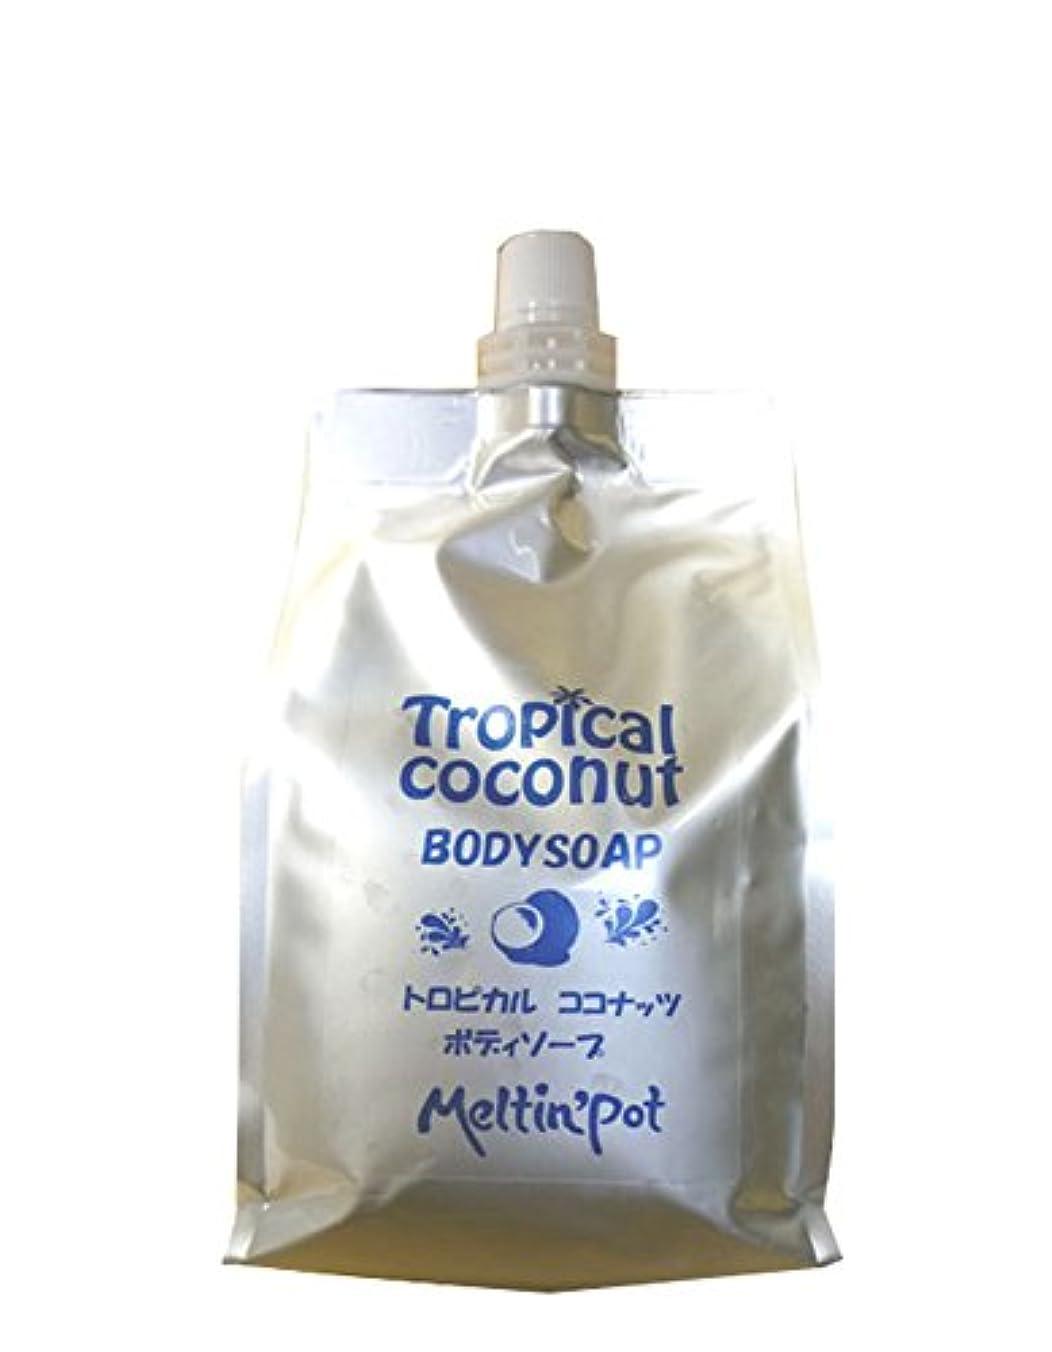 トロリーバス化学おとなしいトロピカルココナッツ ボディソープ 1000ml 詰め替え Tropical coconut Body Soap 加齢臭に! [MeltinPot]